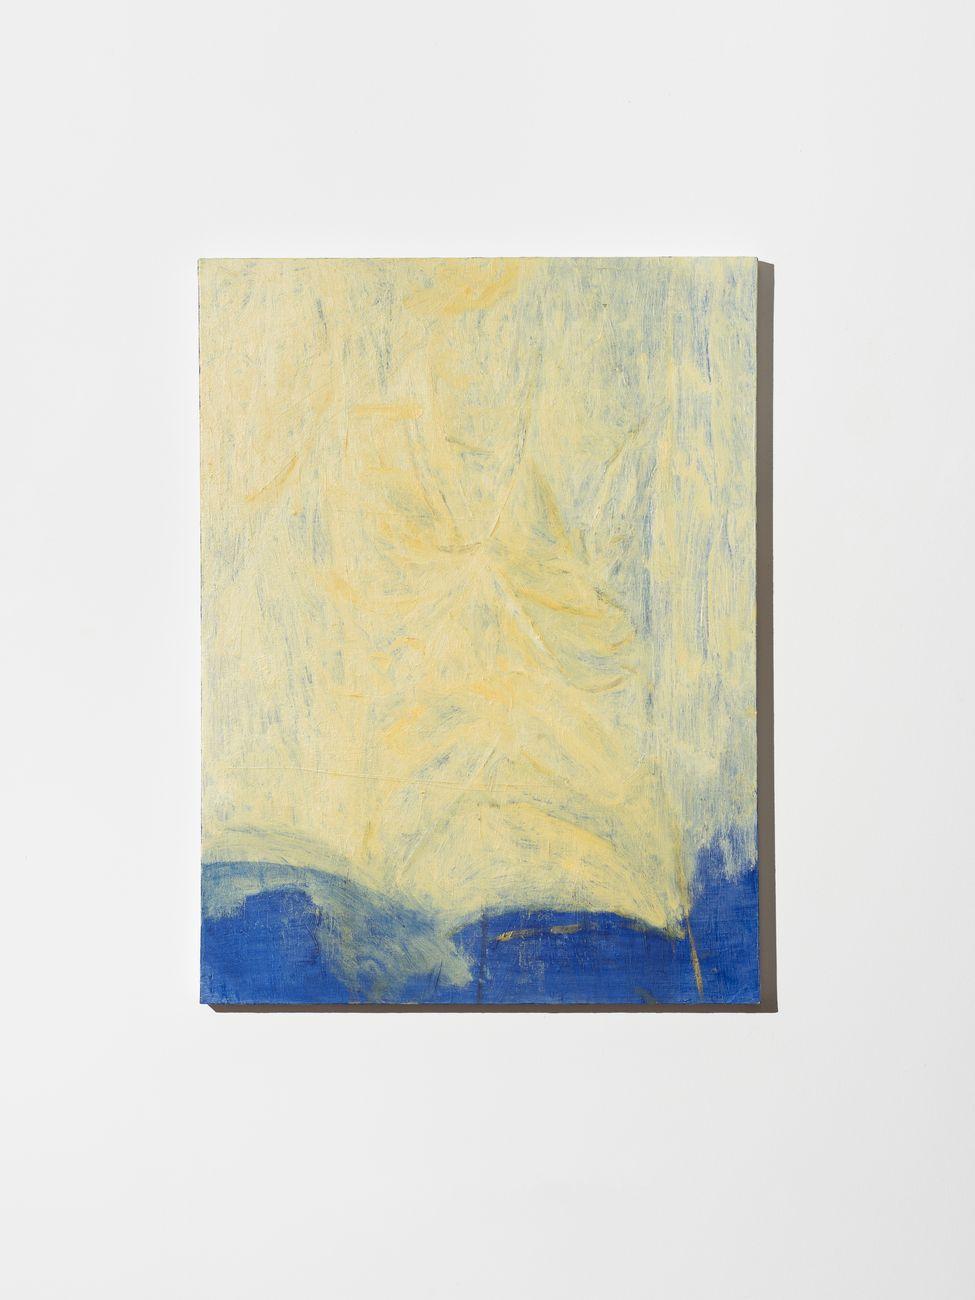 Lorenzo Di Lucido, Tavola di Grizzana, 2017, olio su tela, 80x60 cm. Courtesy Cosimo Filippini